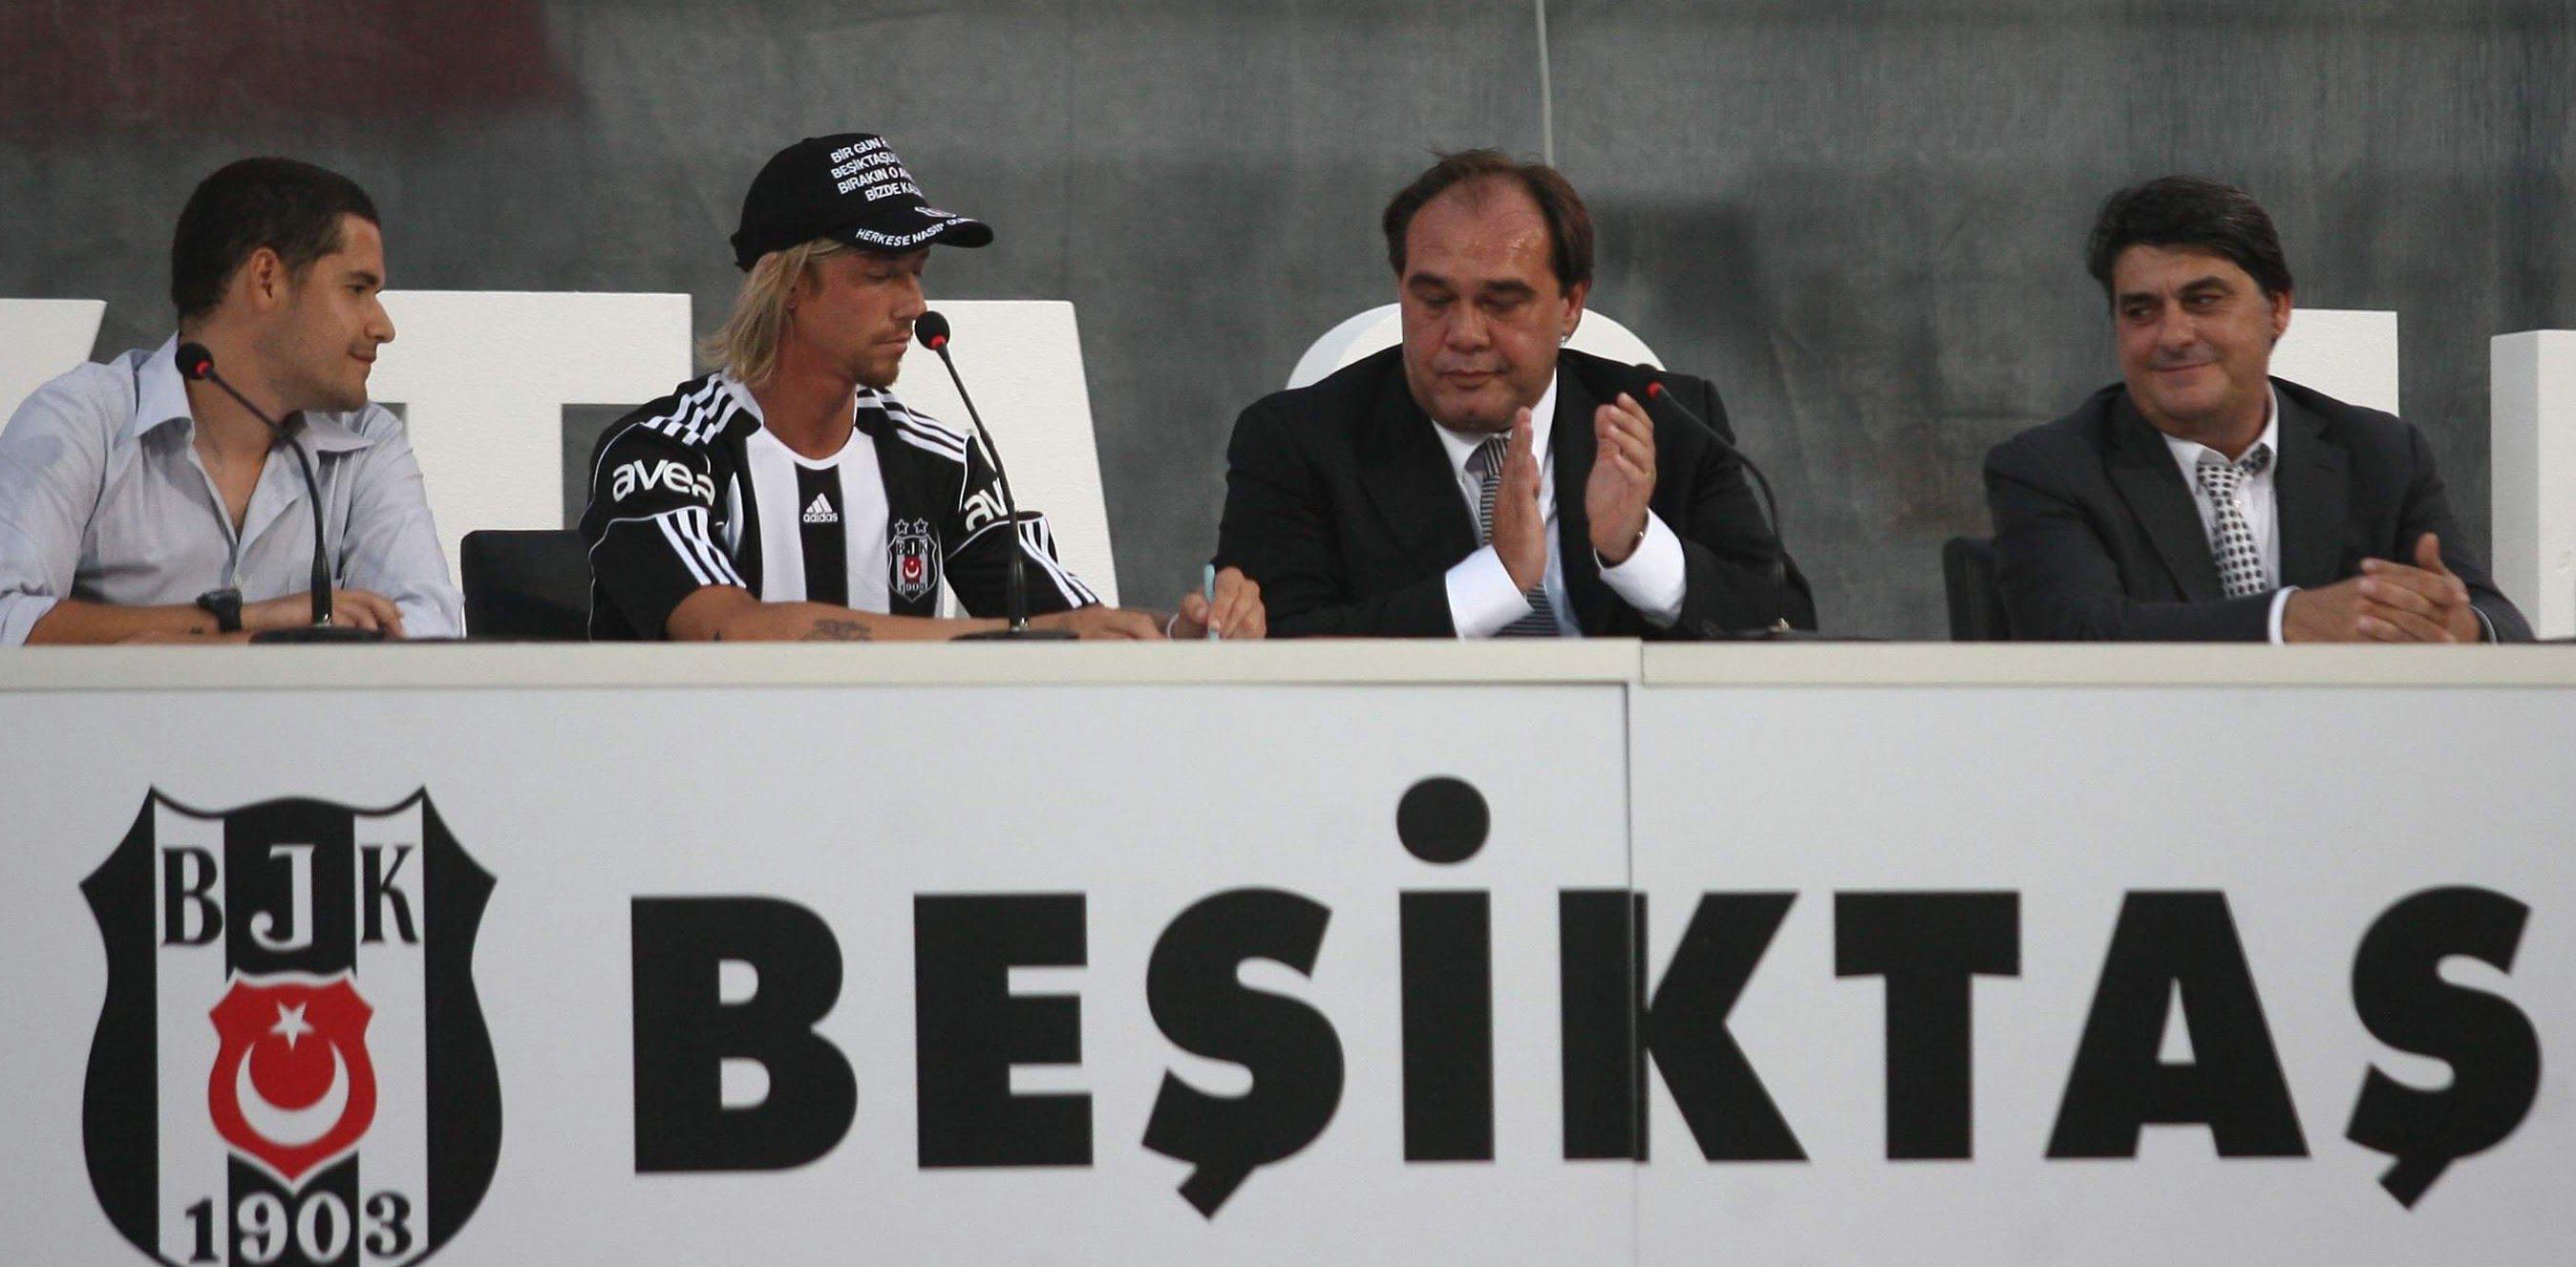 Photo of İspanyol yıldız Guti binlerce Beşiktaşlı'nın önünde imzayı attı